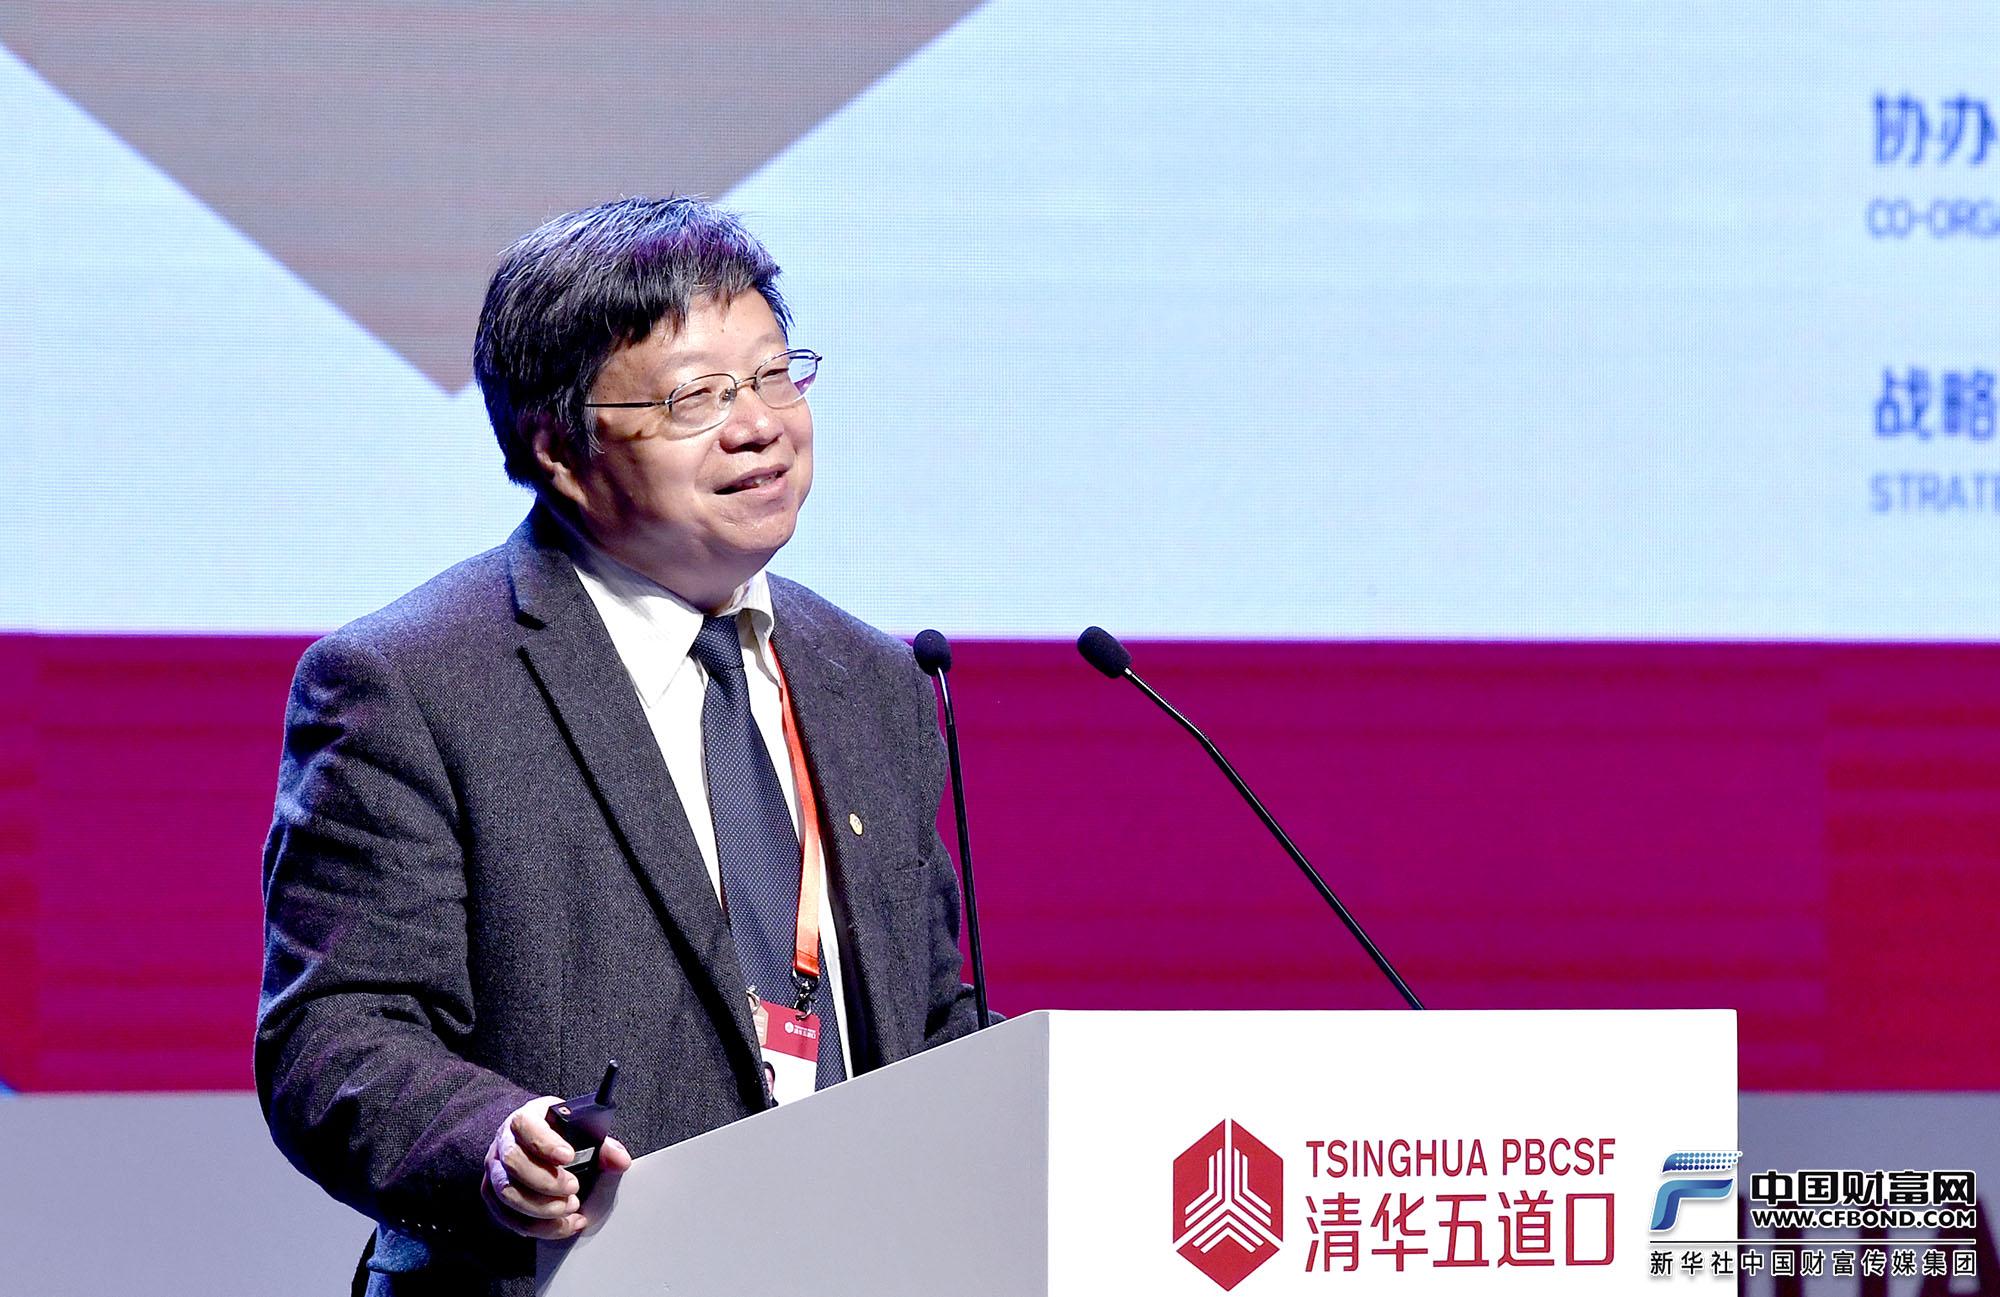 演讲嘉宾:中国科学院大学经济与管理学院院长汪寿阳